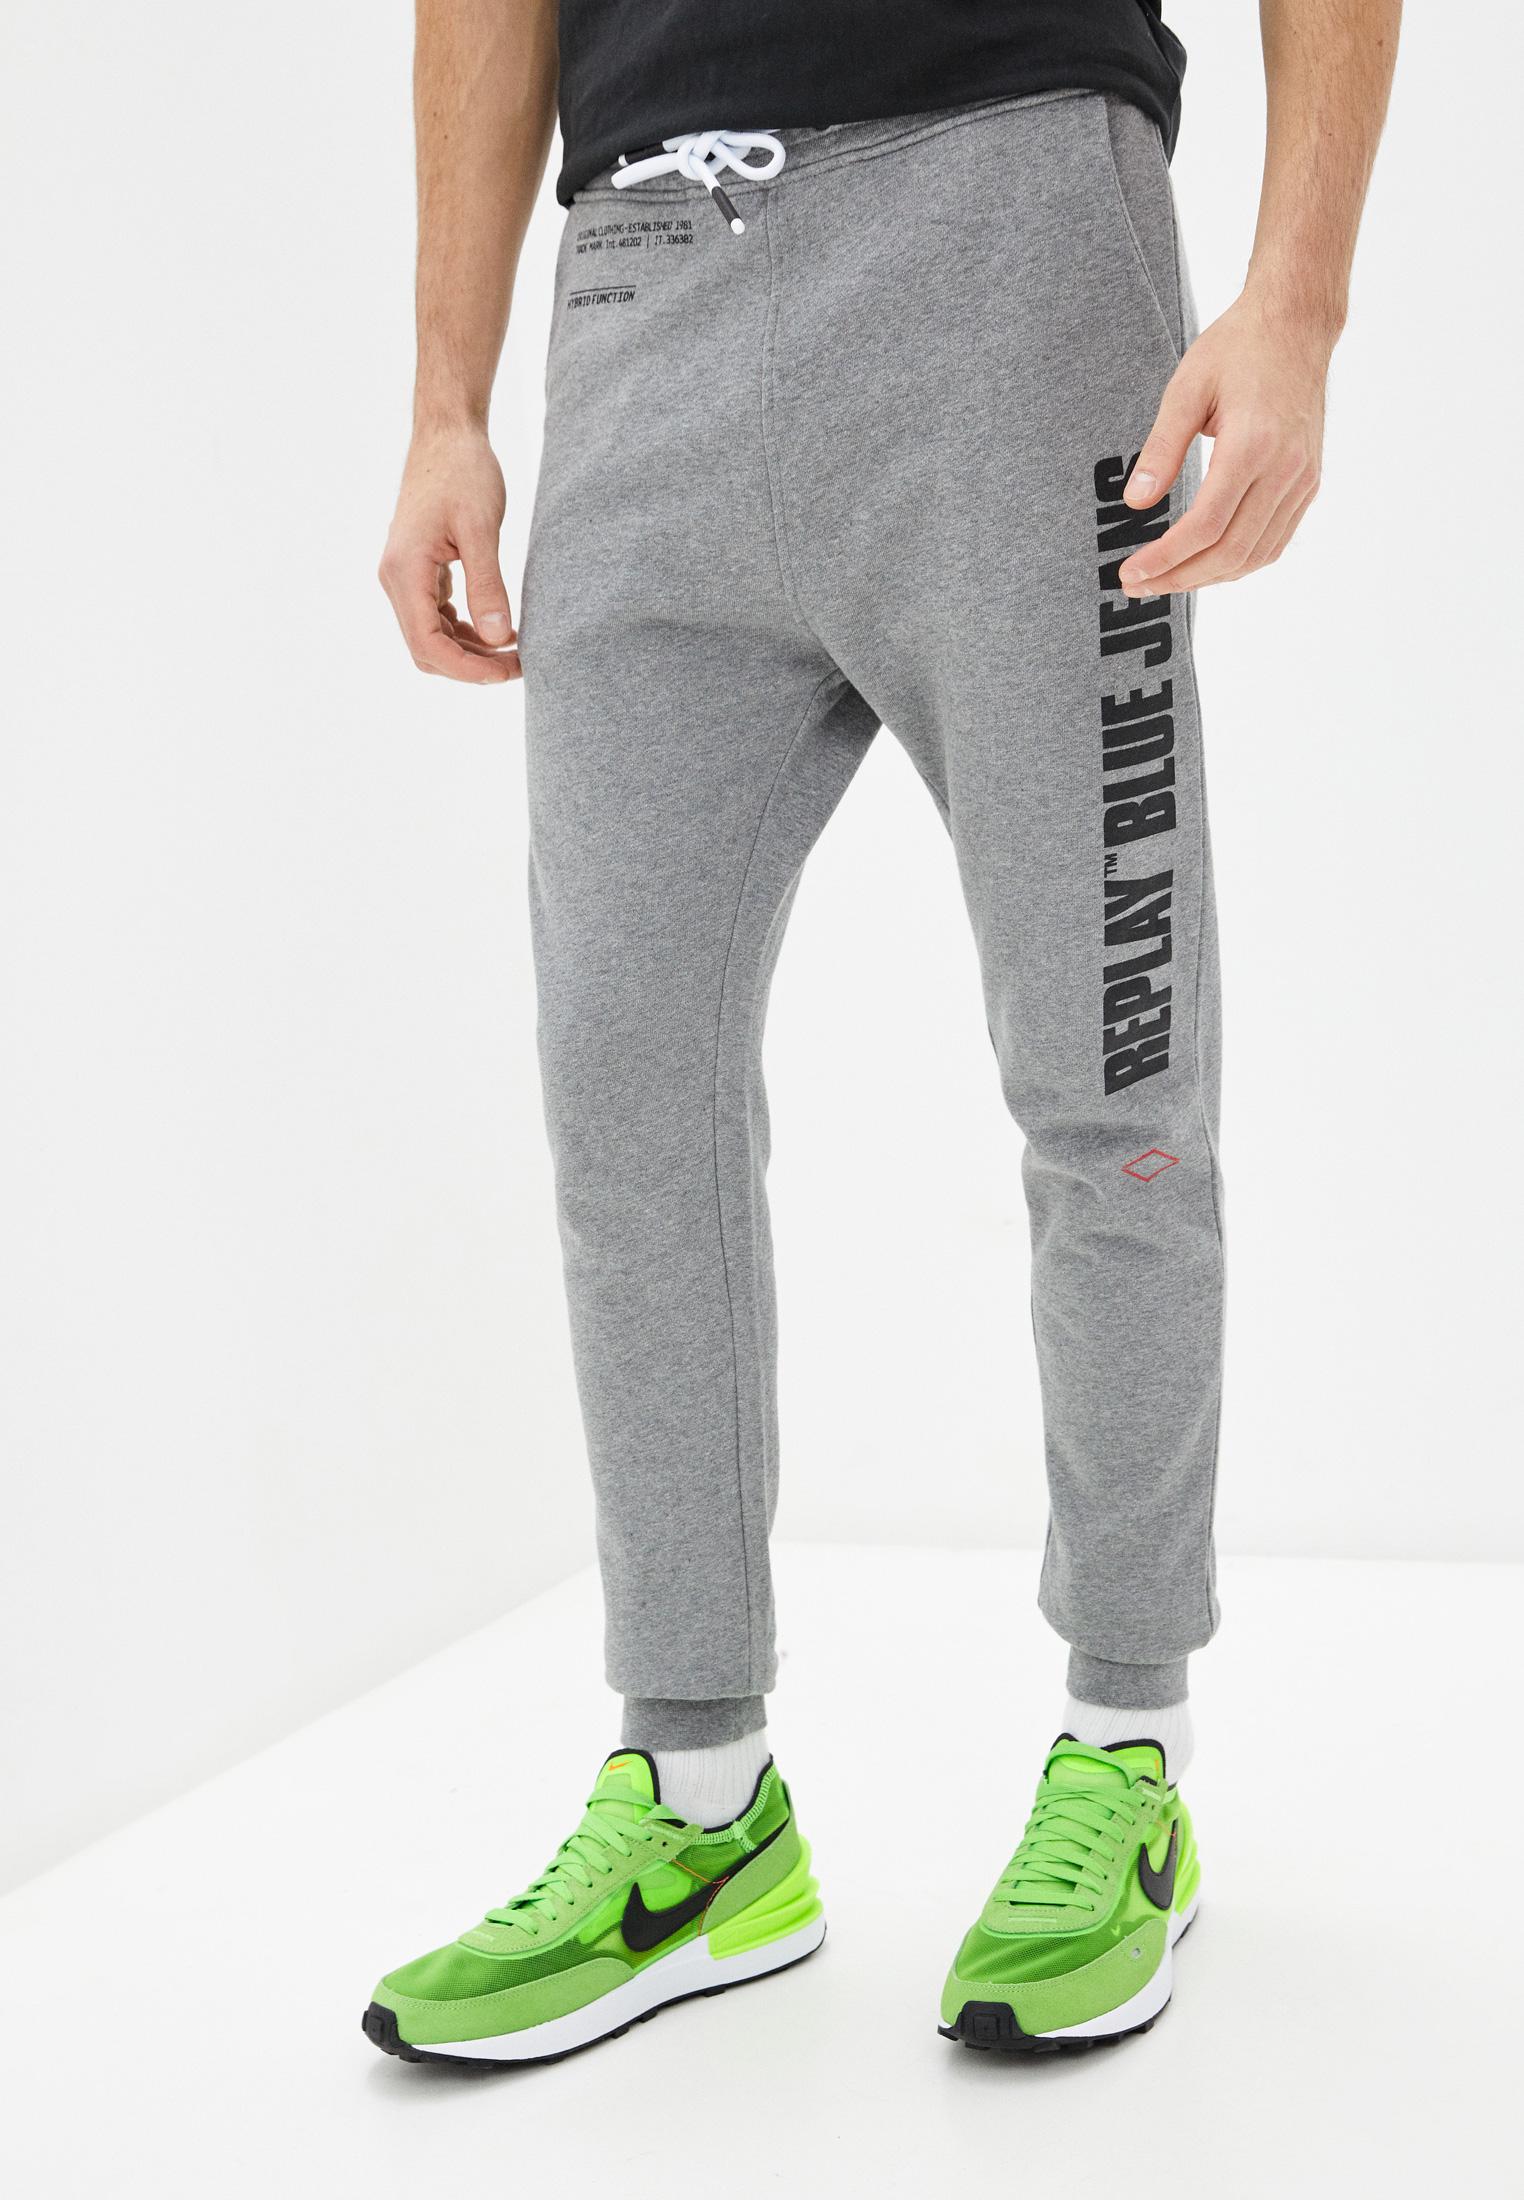 Мужские спортивные брюки Replay (Реплей) Брюки спортивные Replay